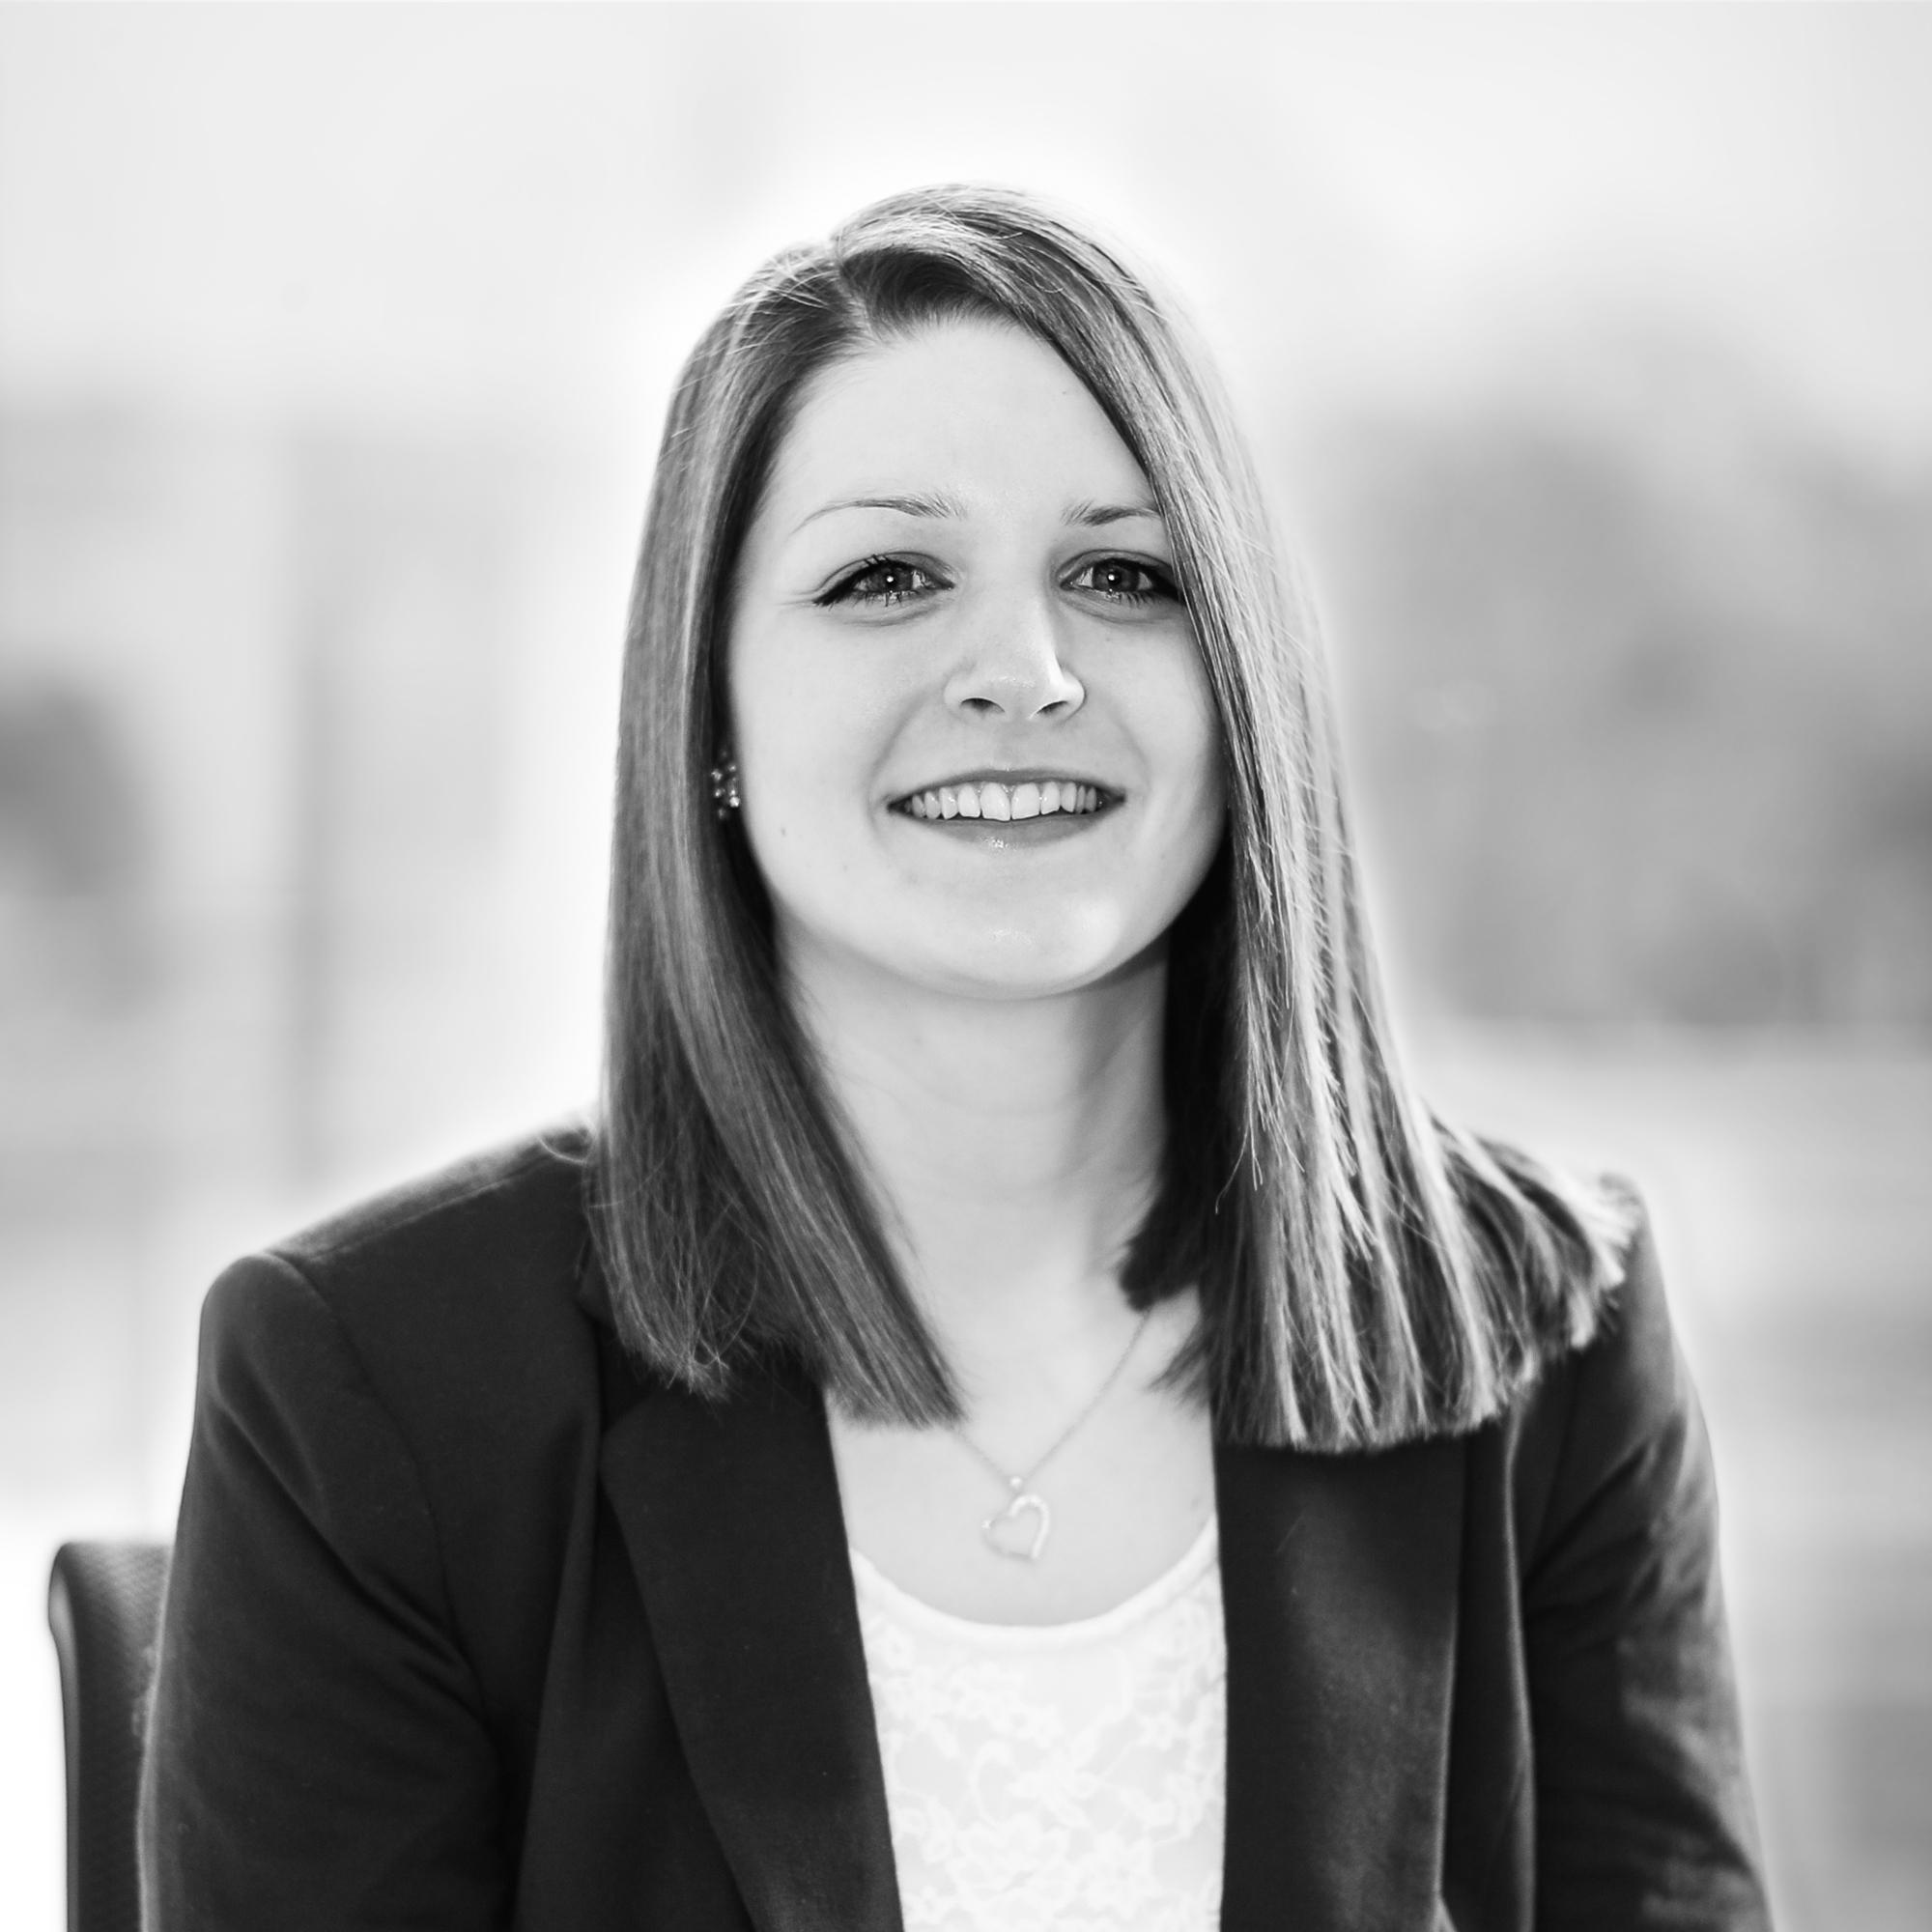 Vivien Schuhe - Rechtsanwalts- und Notarfachangestellte Zuständig für Rechtsanwalt Heiko Schlechte